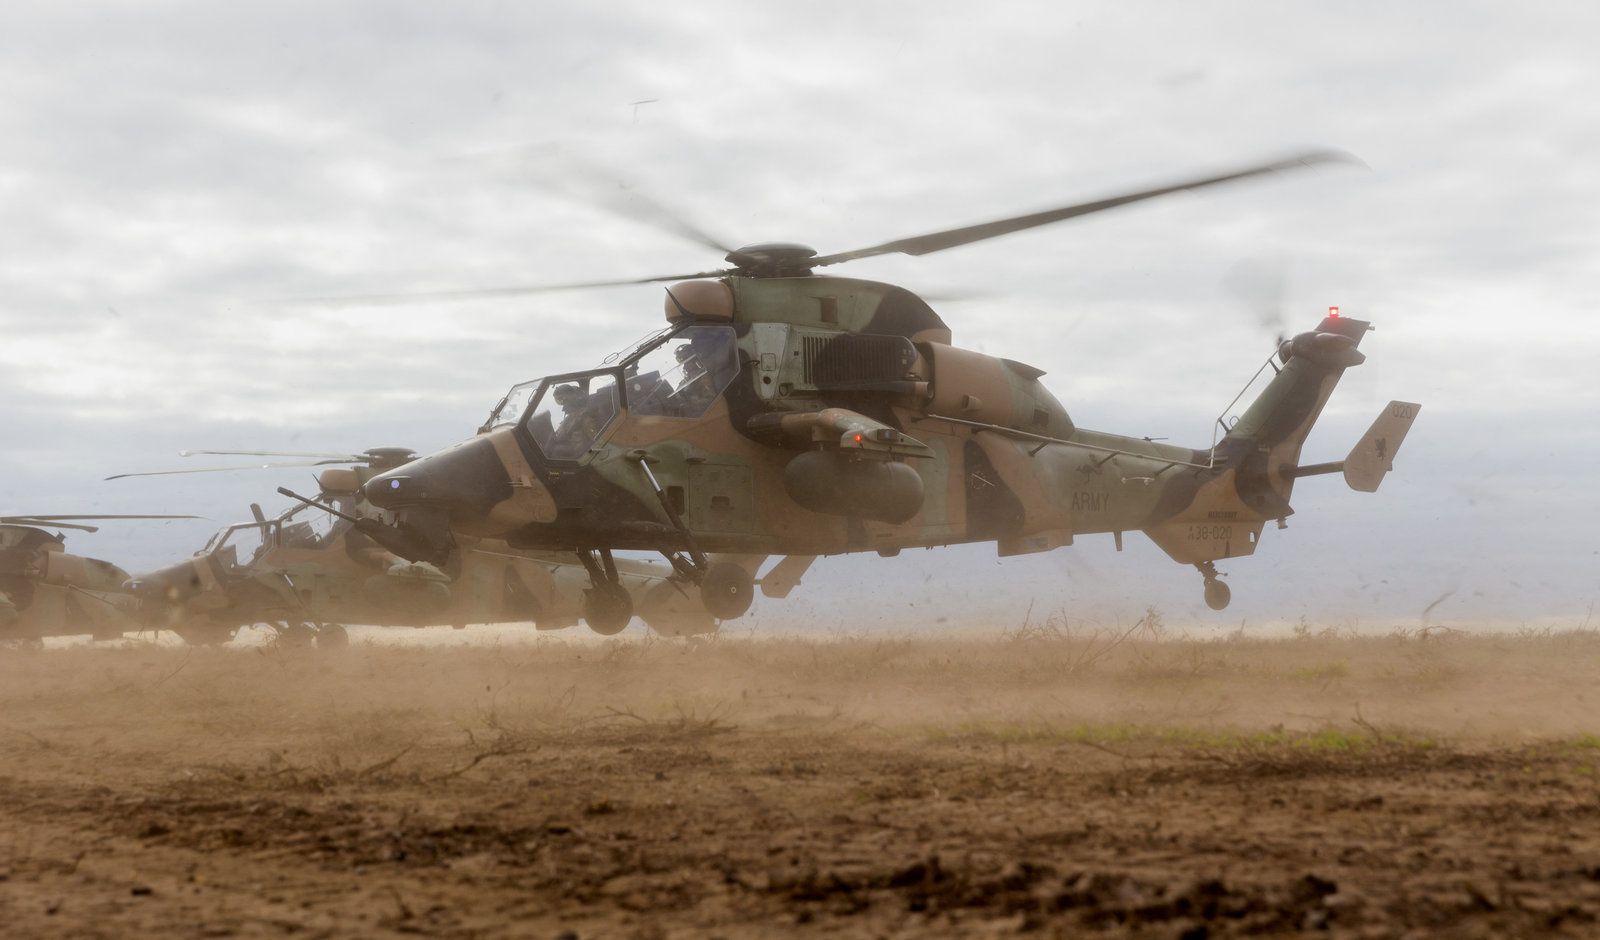 Airbus Helicopters alerte les utilisateurs de l'hélicoptère Tigre après l'accident mortel au Mali